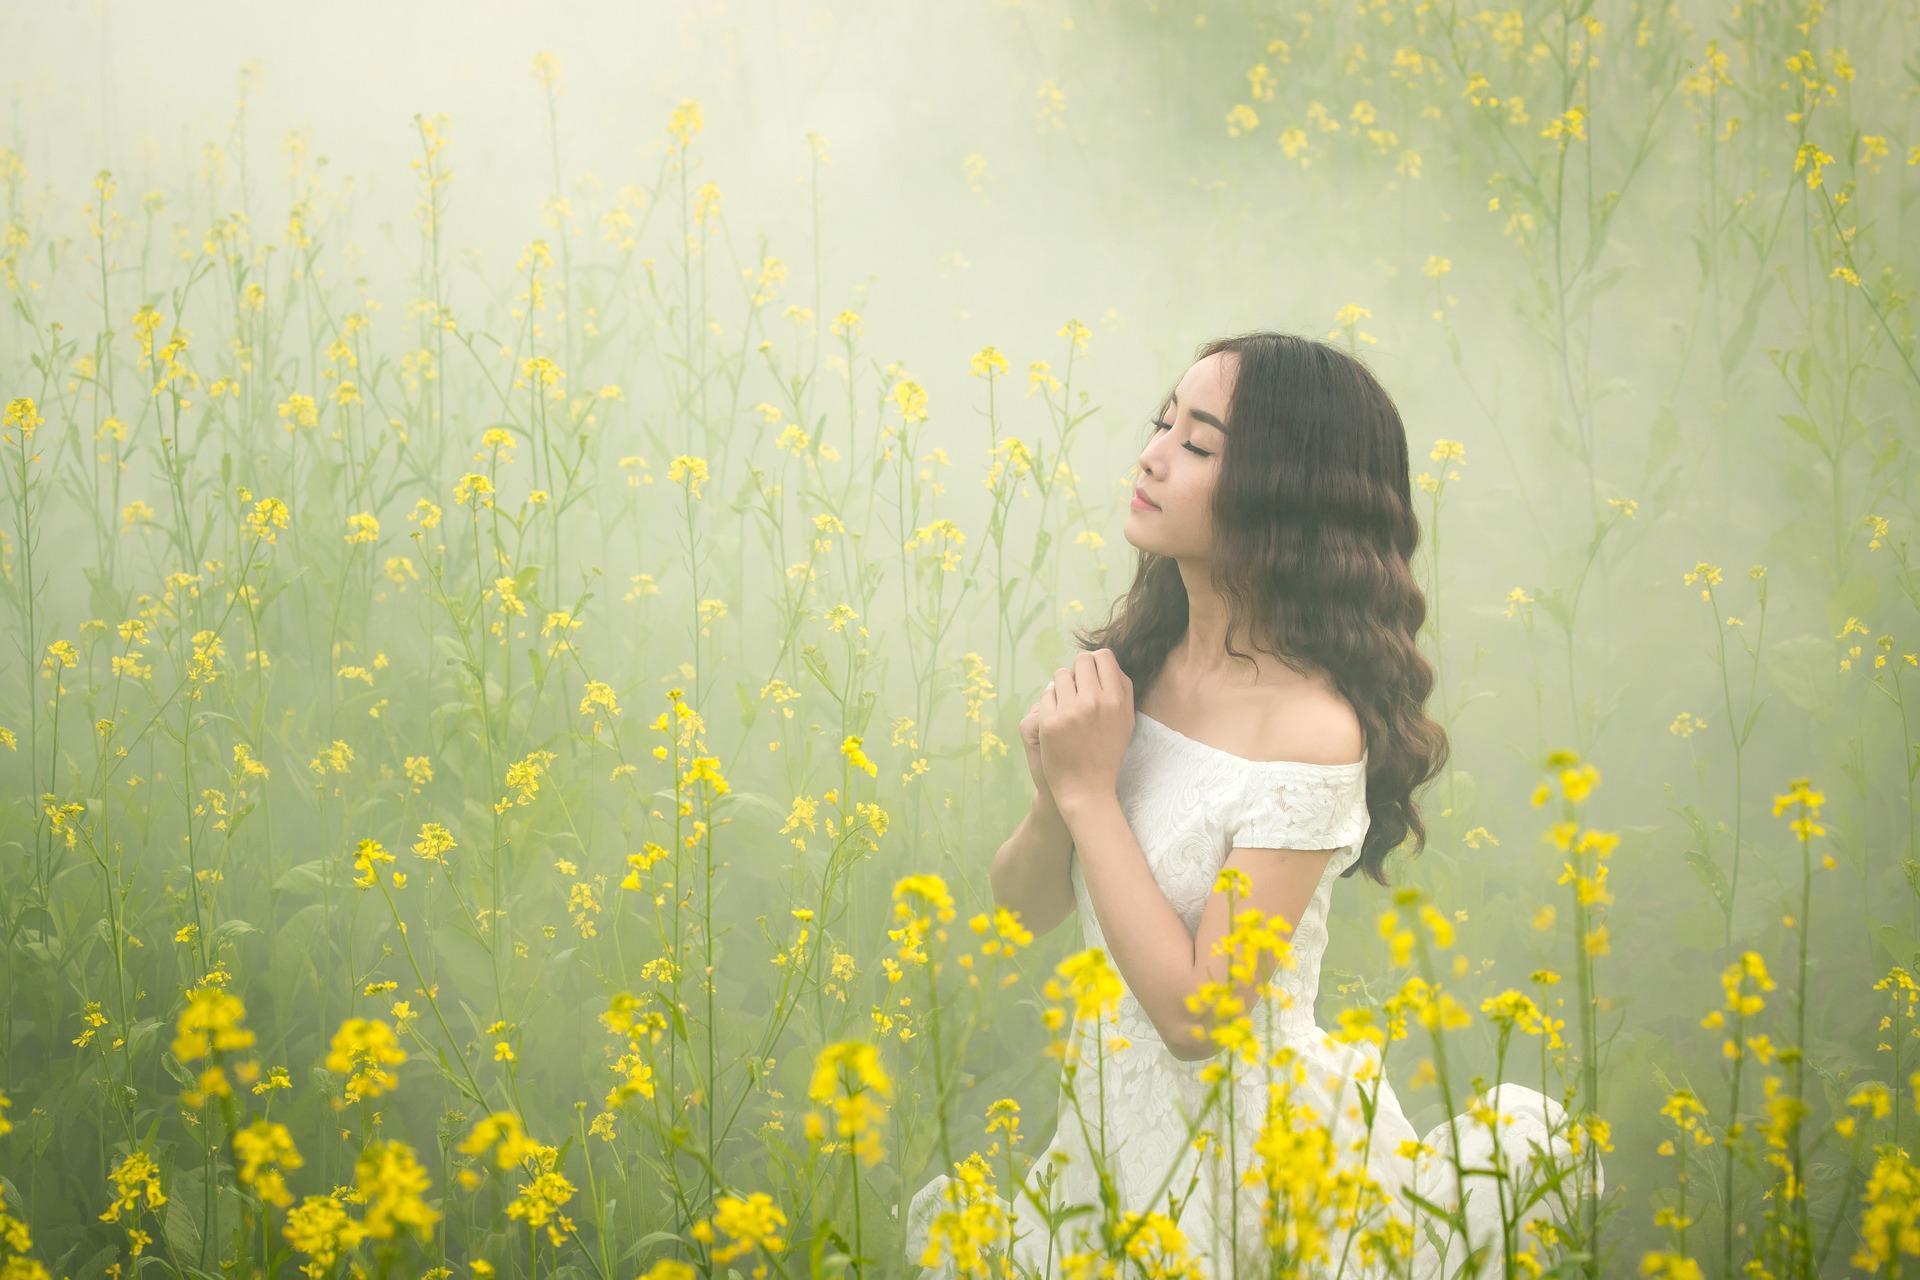 【報告多数】即効で願いが叶う呪文。すぐに恋愛が成就する魔法の言葉と唱え方